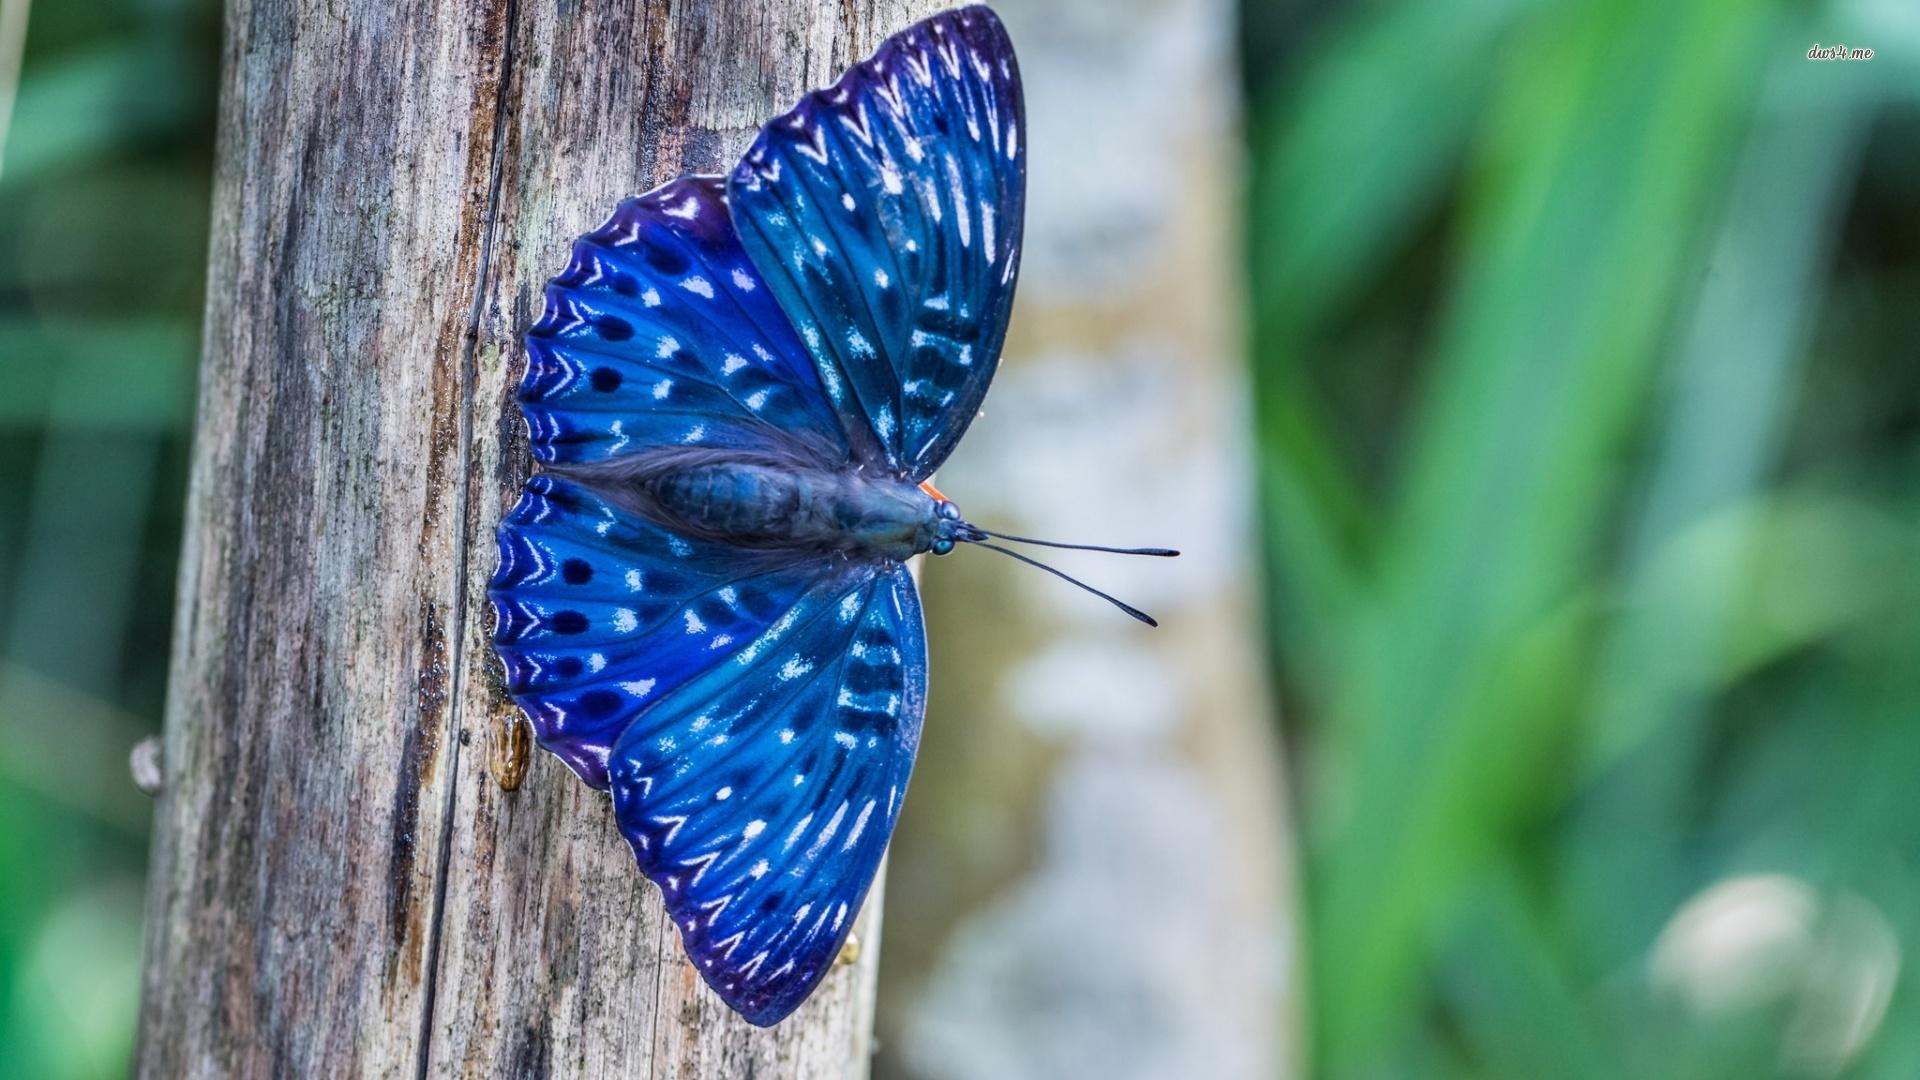 Hq 3d Wallpapers Free Download Blue Butterfly Wallpaper Hd Pixelstalk Net